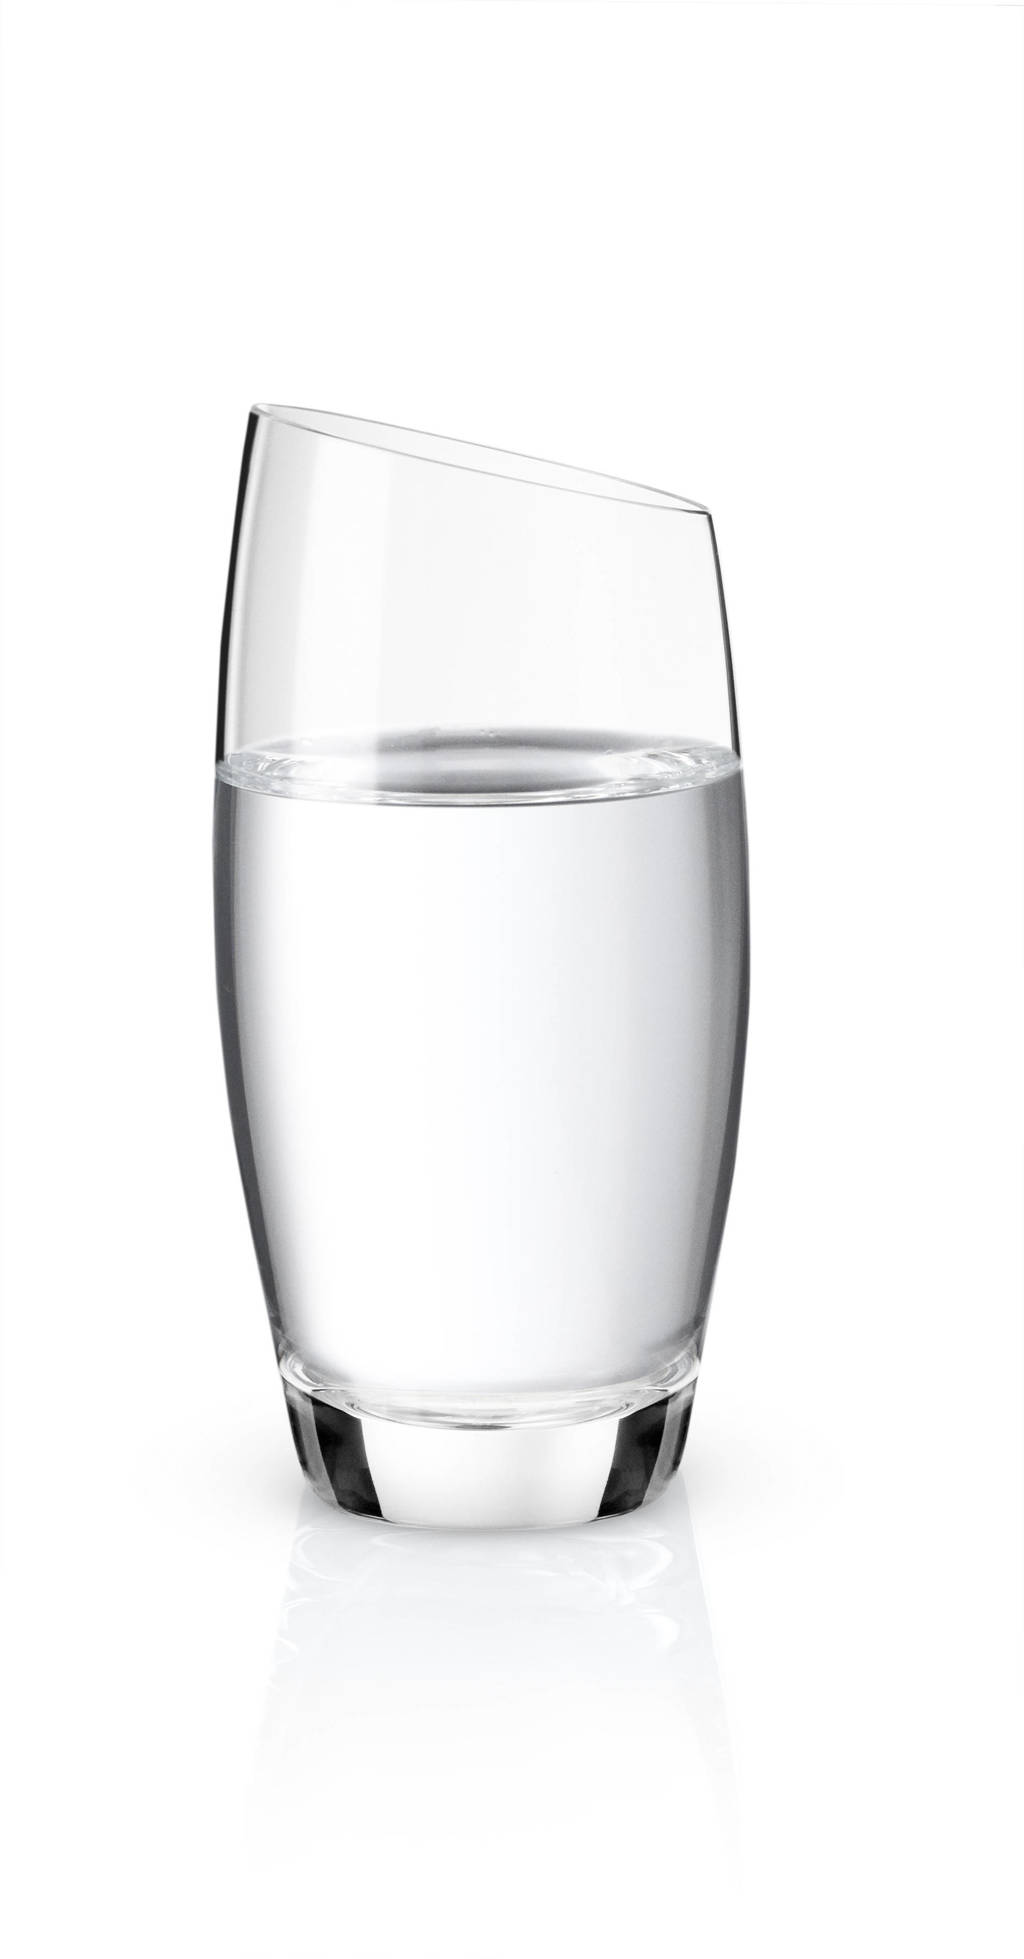 Eva Solo waterglas 21 cl, Transparant